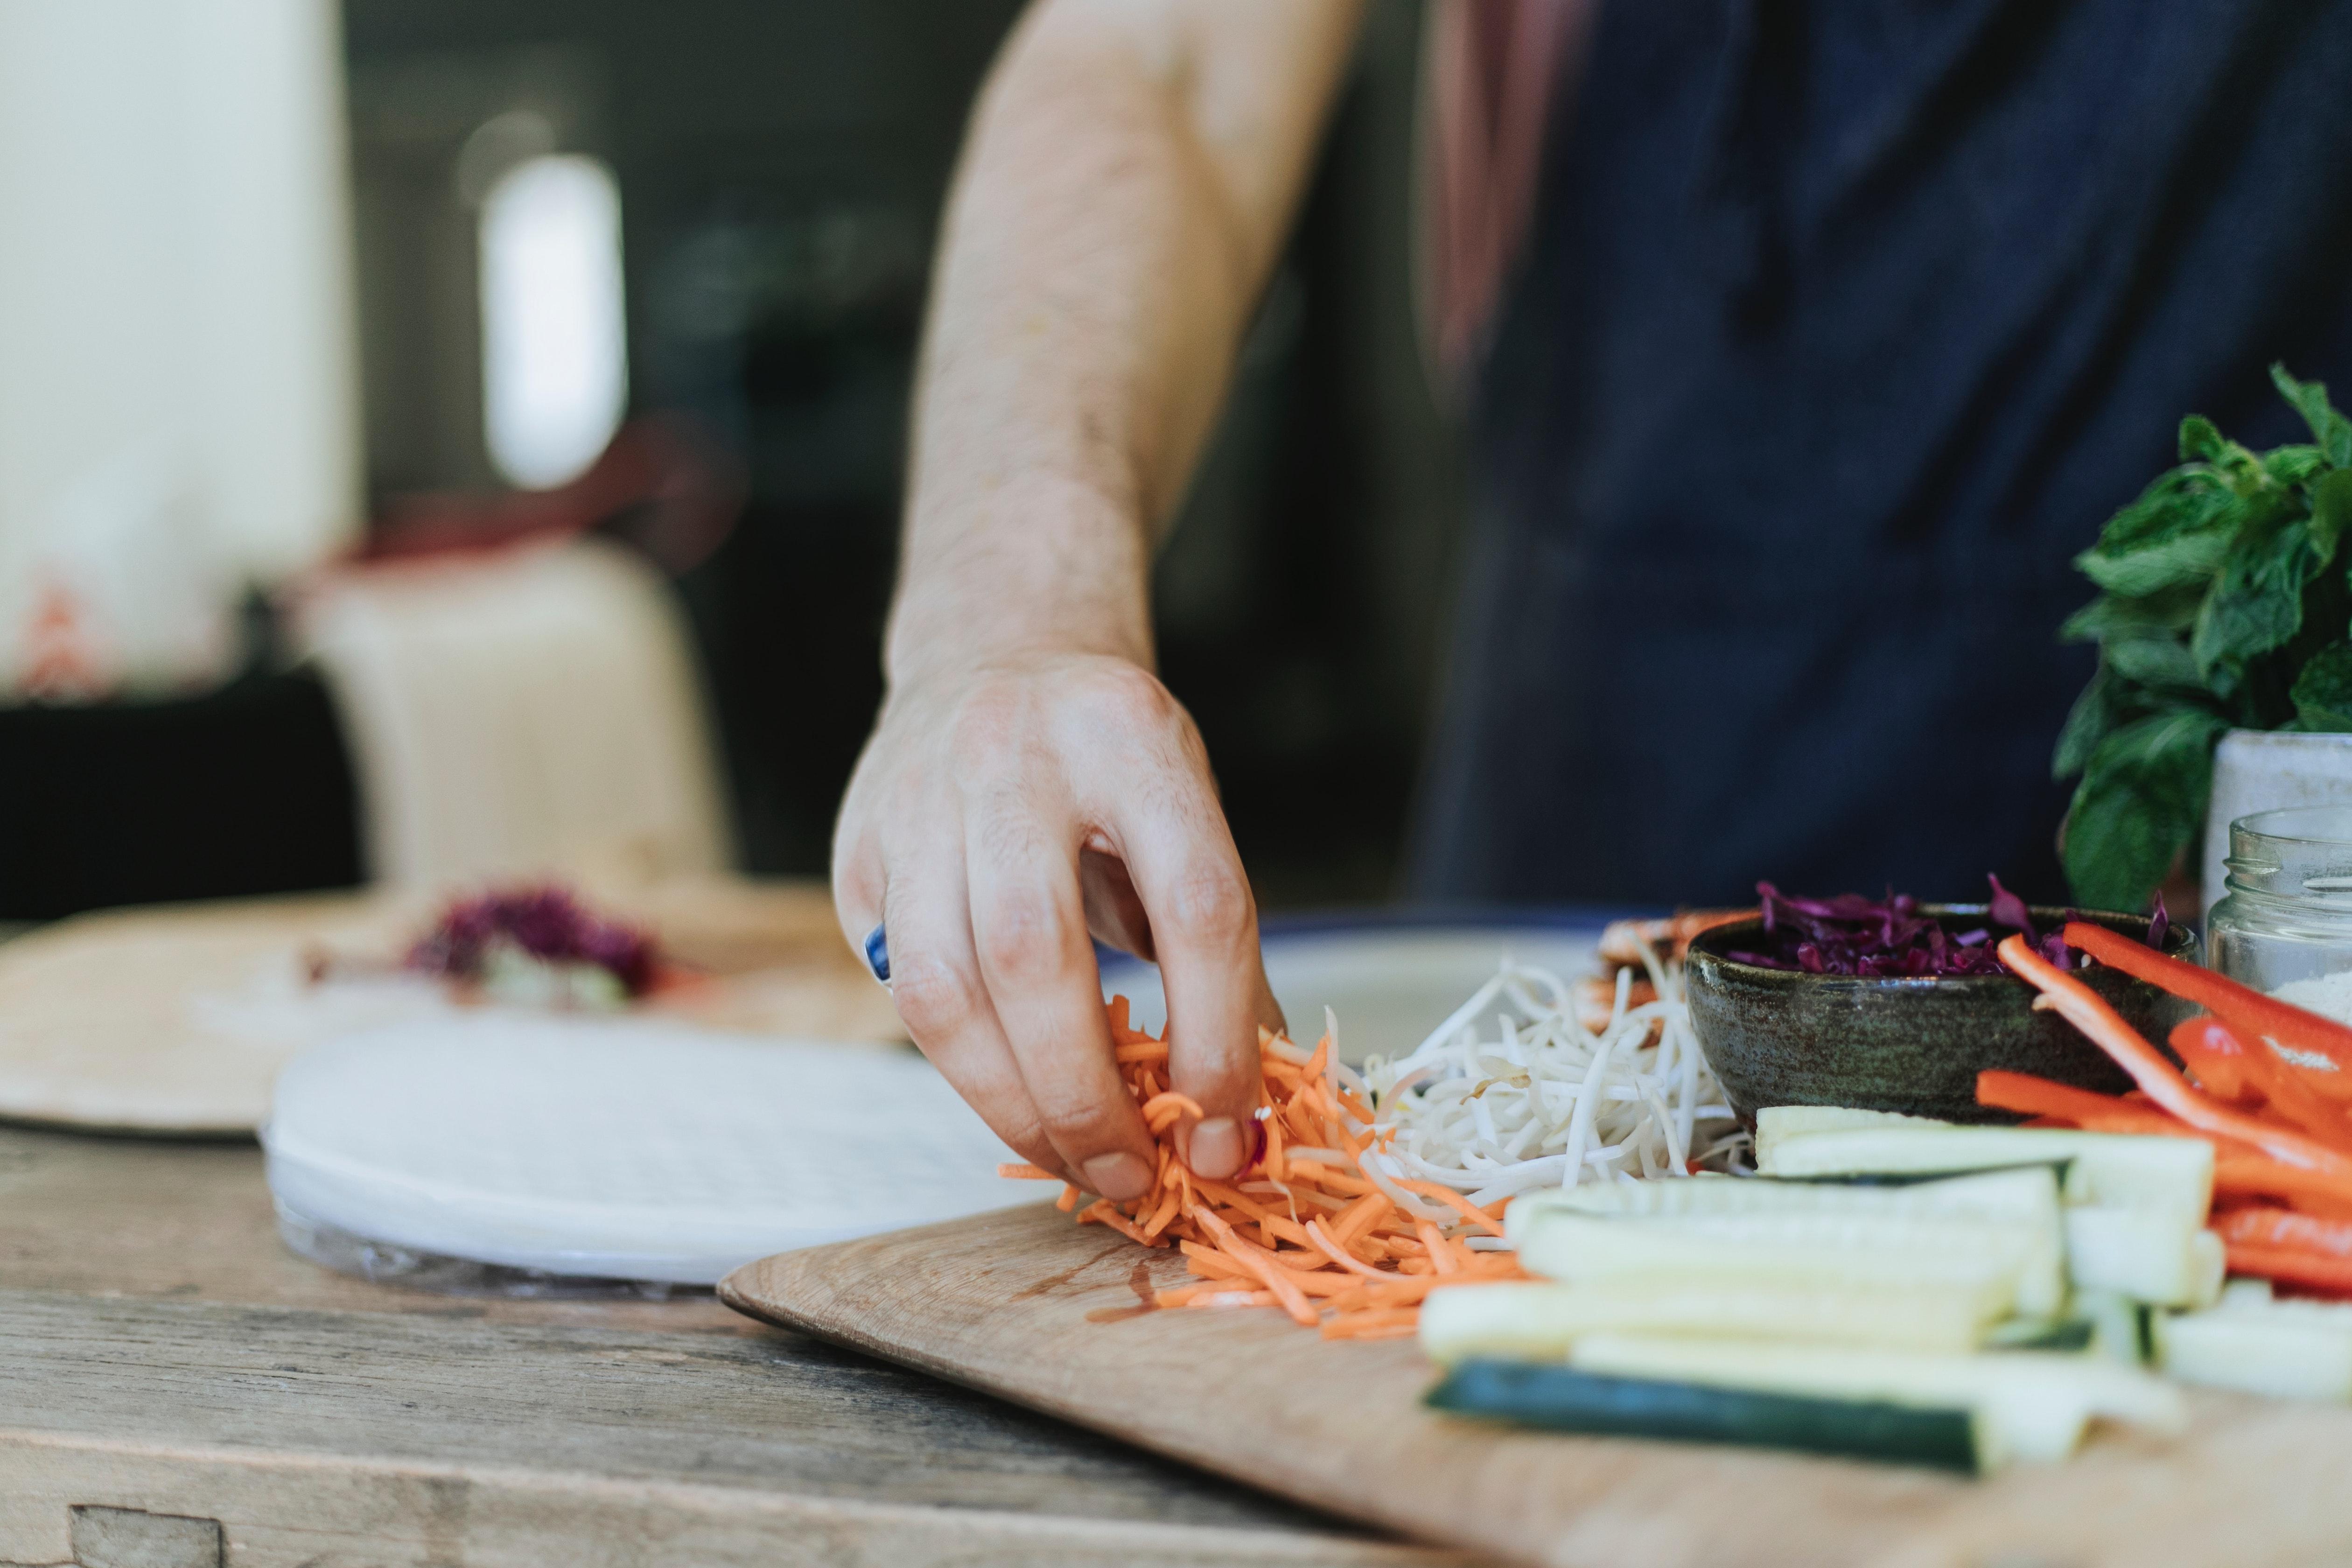 Τα υγιεινά σνακ με ελάχιστες θερμίδες που κοντράρουν στα ίσα τα πατατάκια